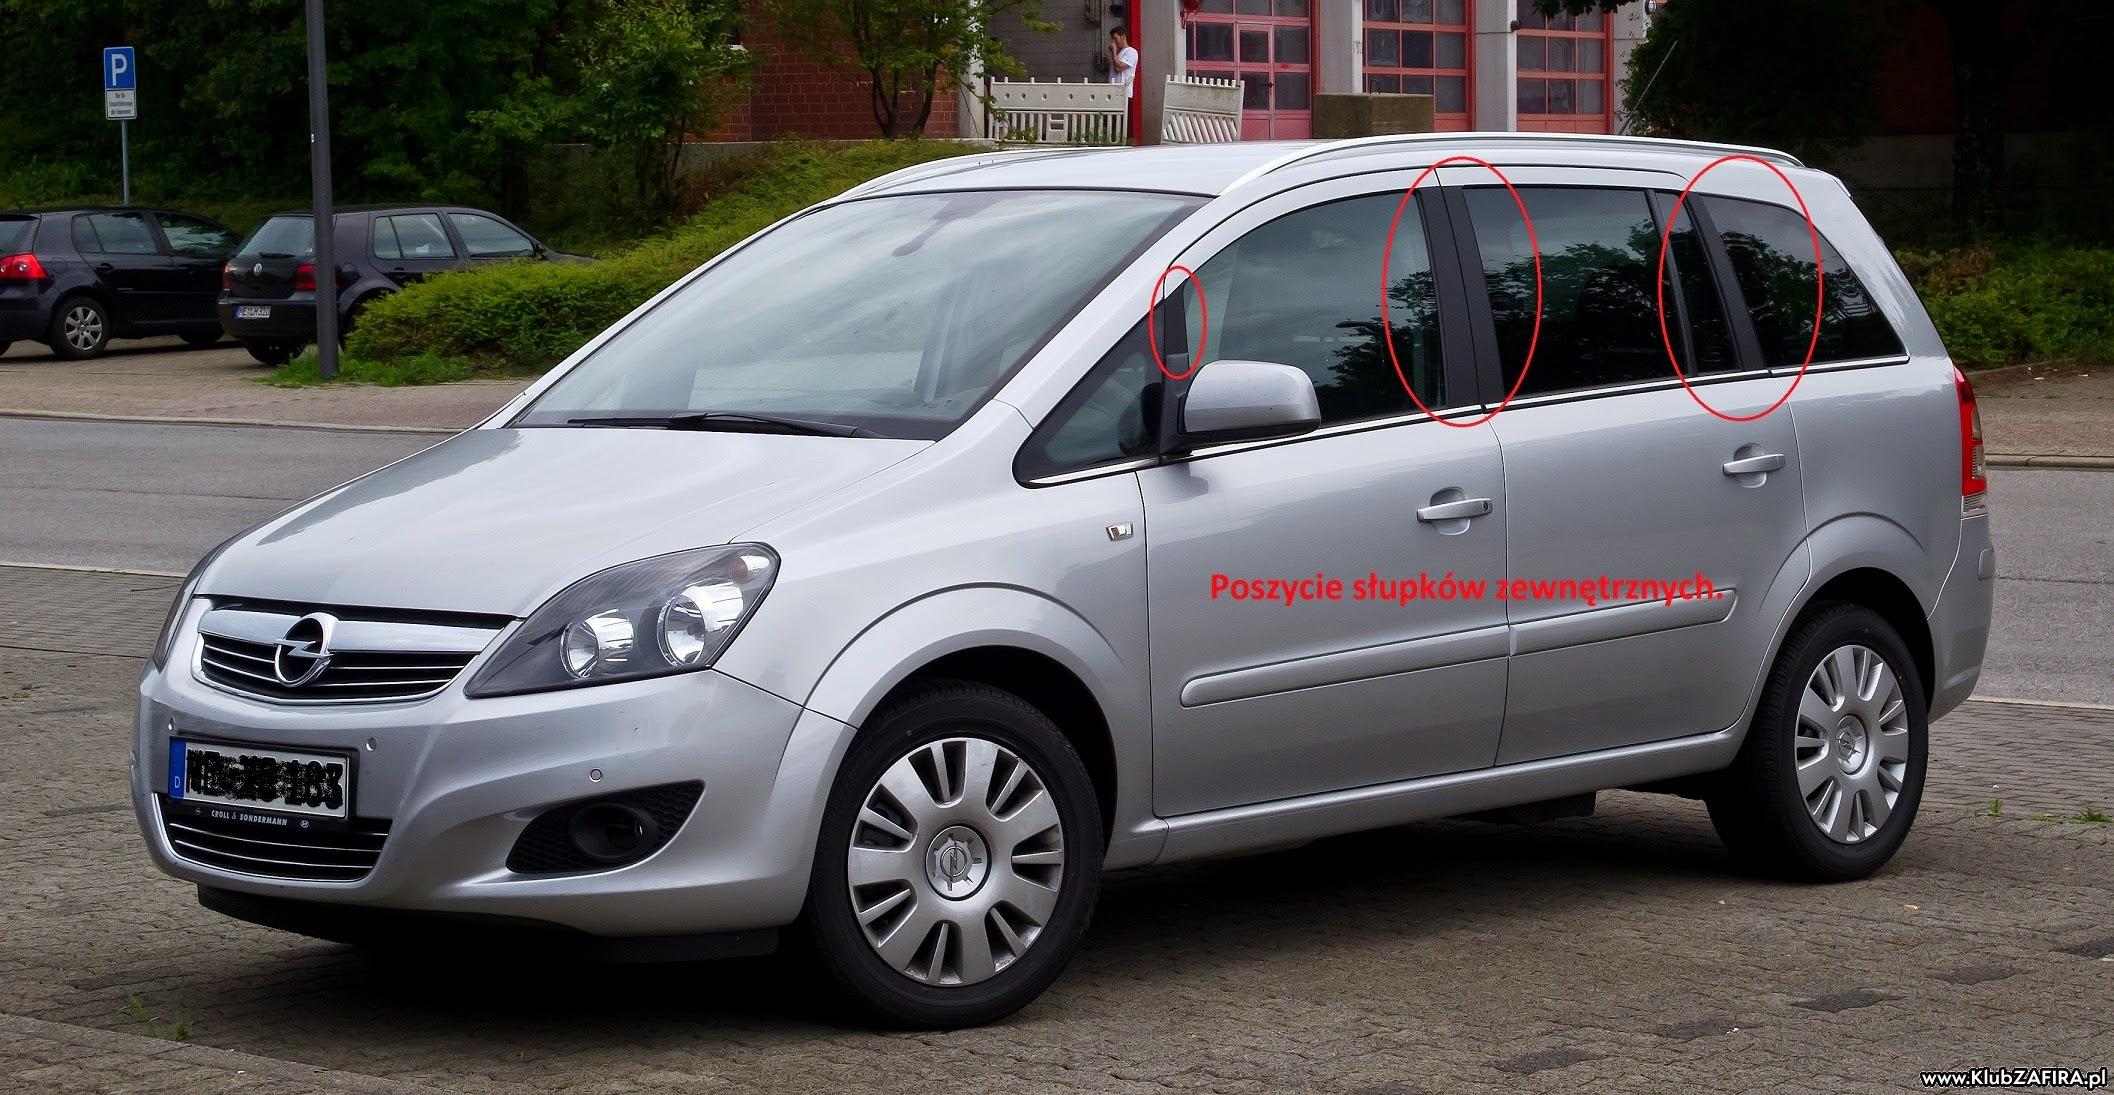 [Obrazek: Opel_Zafira.jpg]